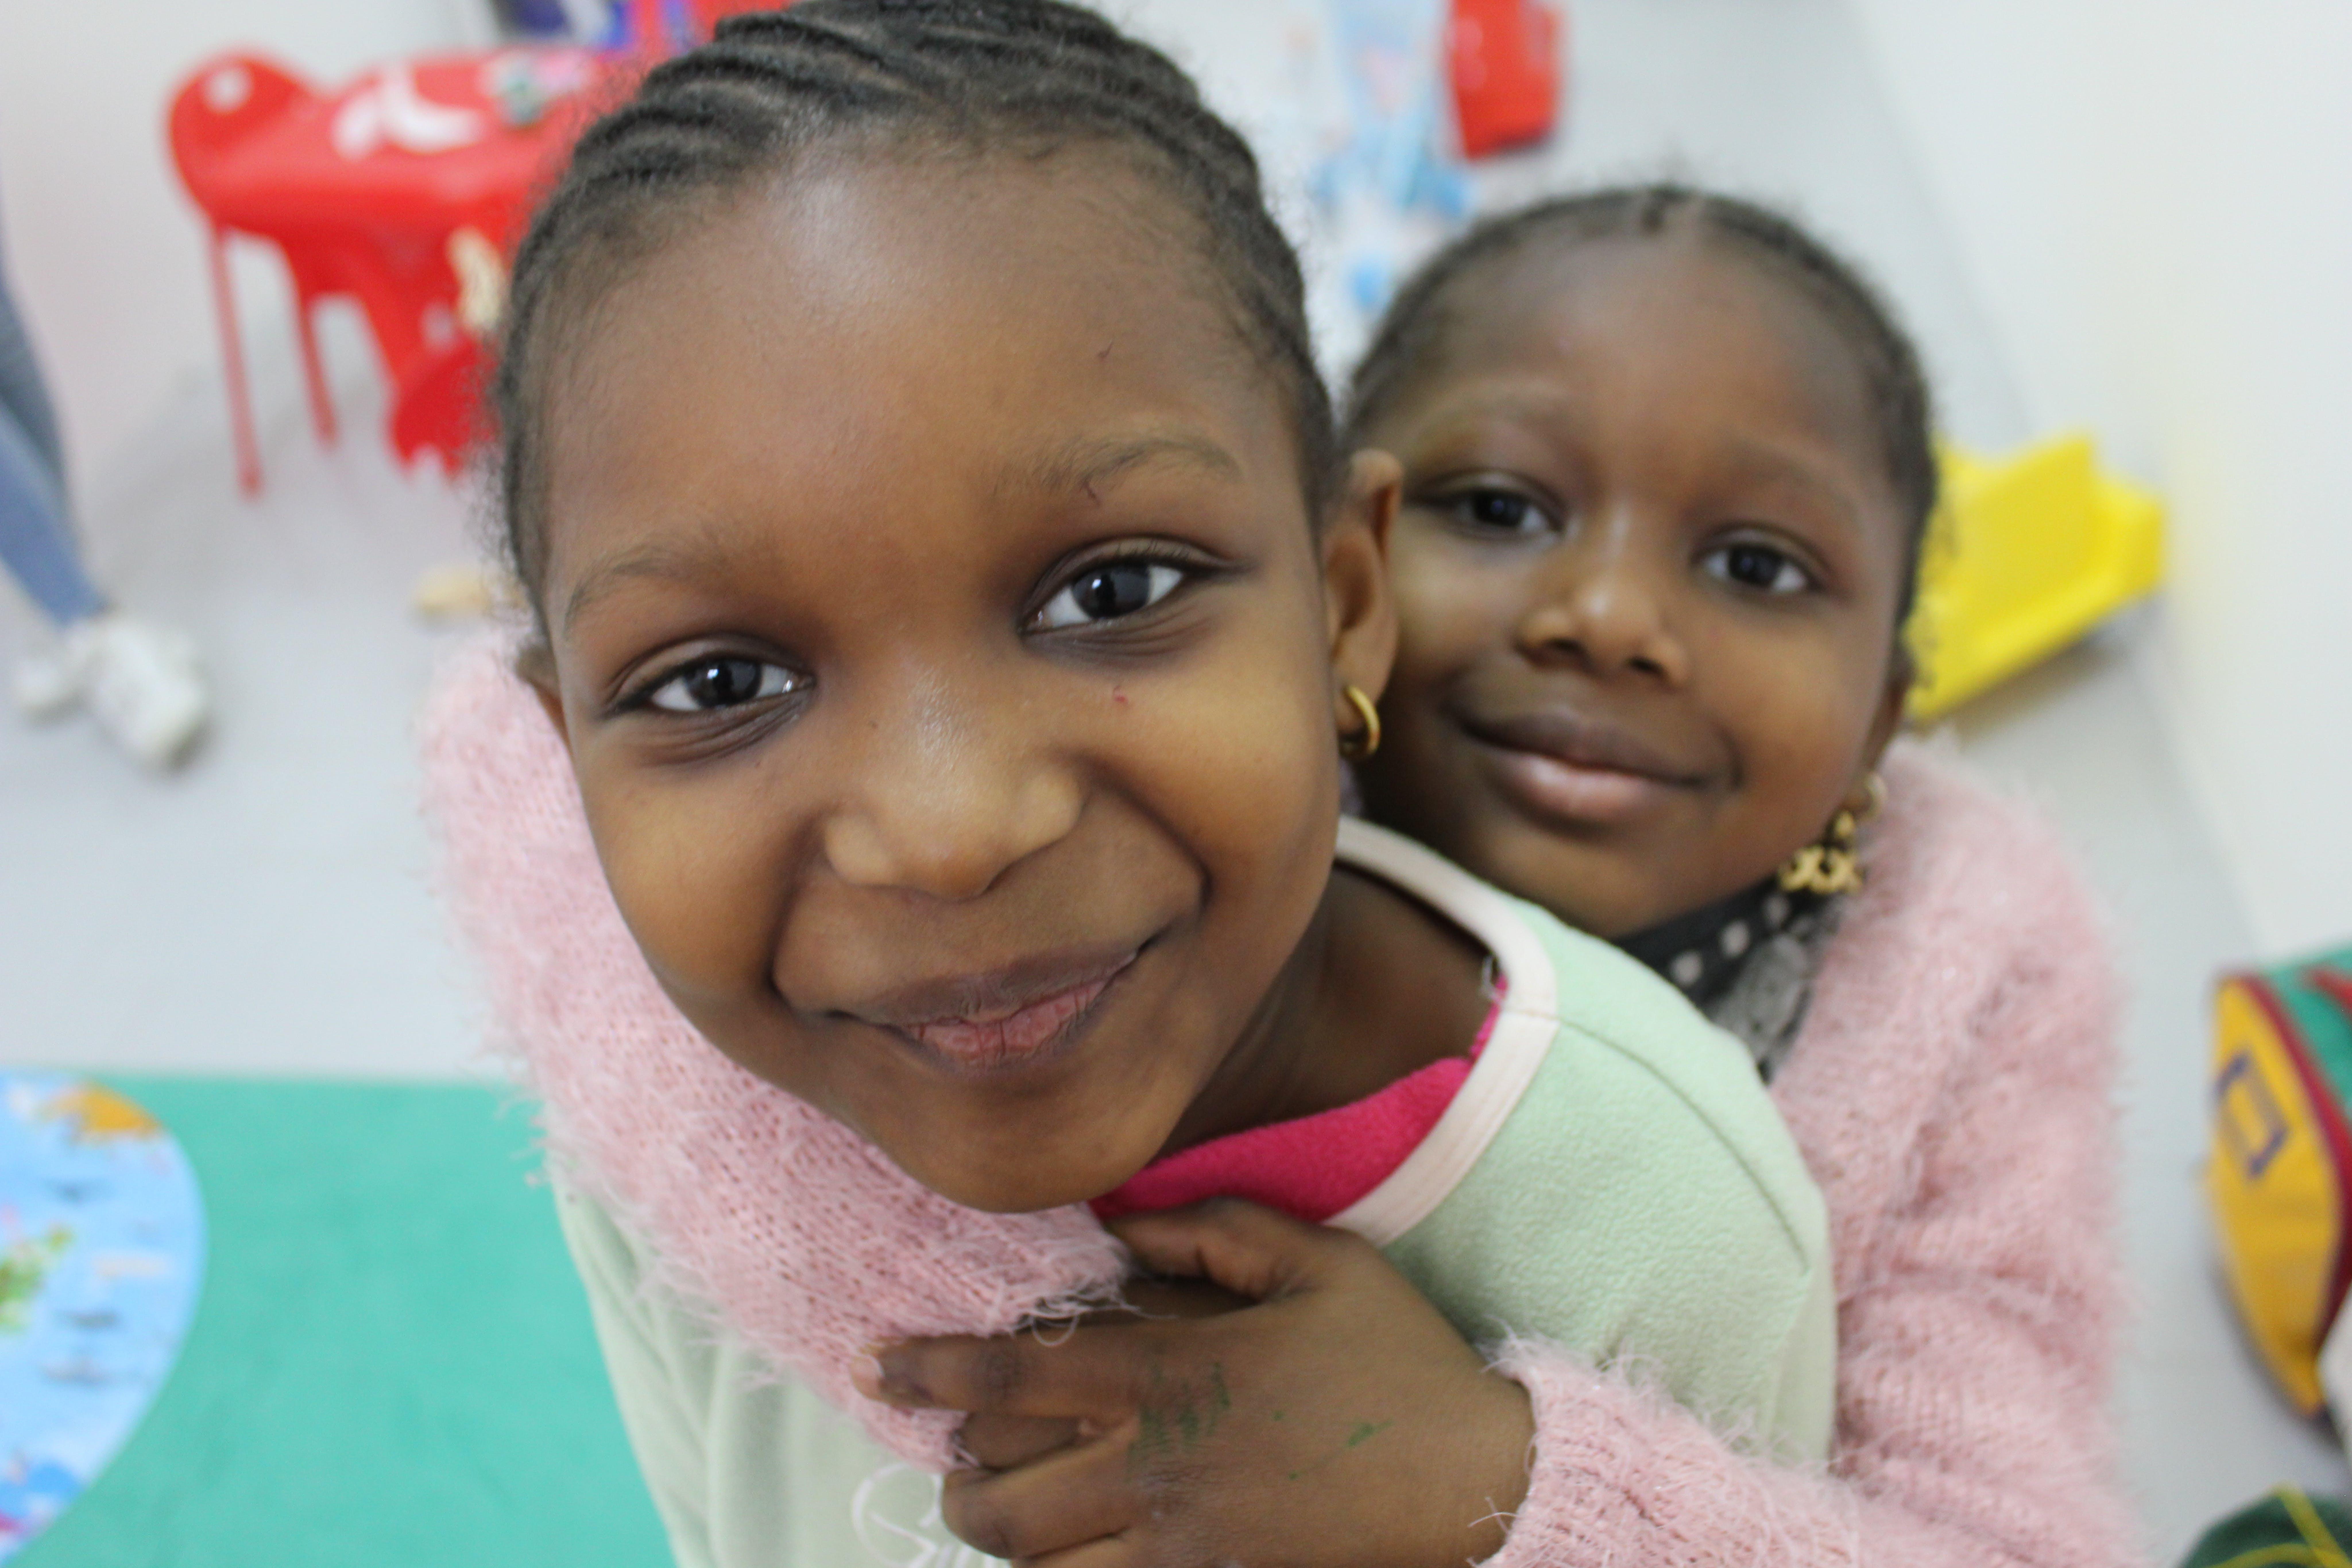 Le sorelle Sara e Nadira, nello spazio bimbi del Women and Girls Safe Space